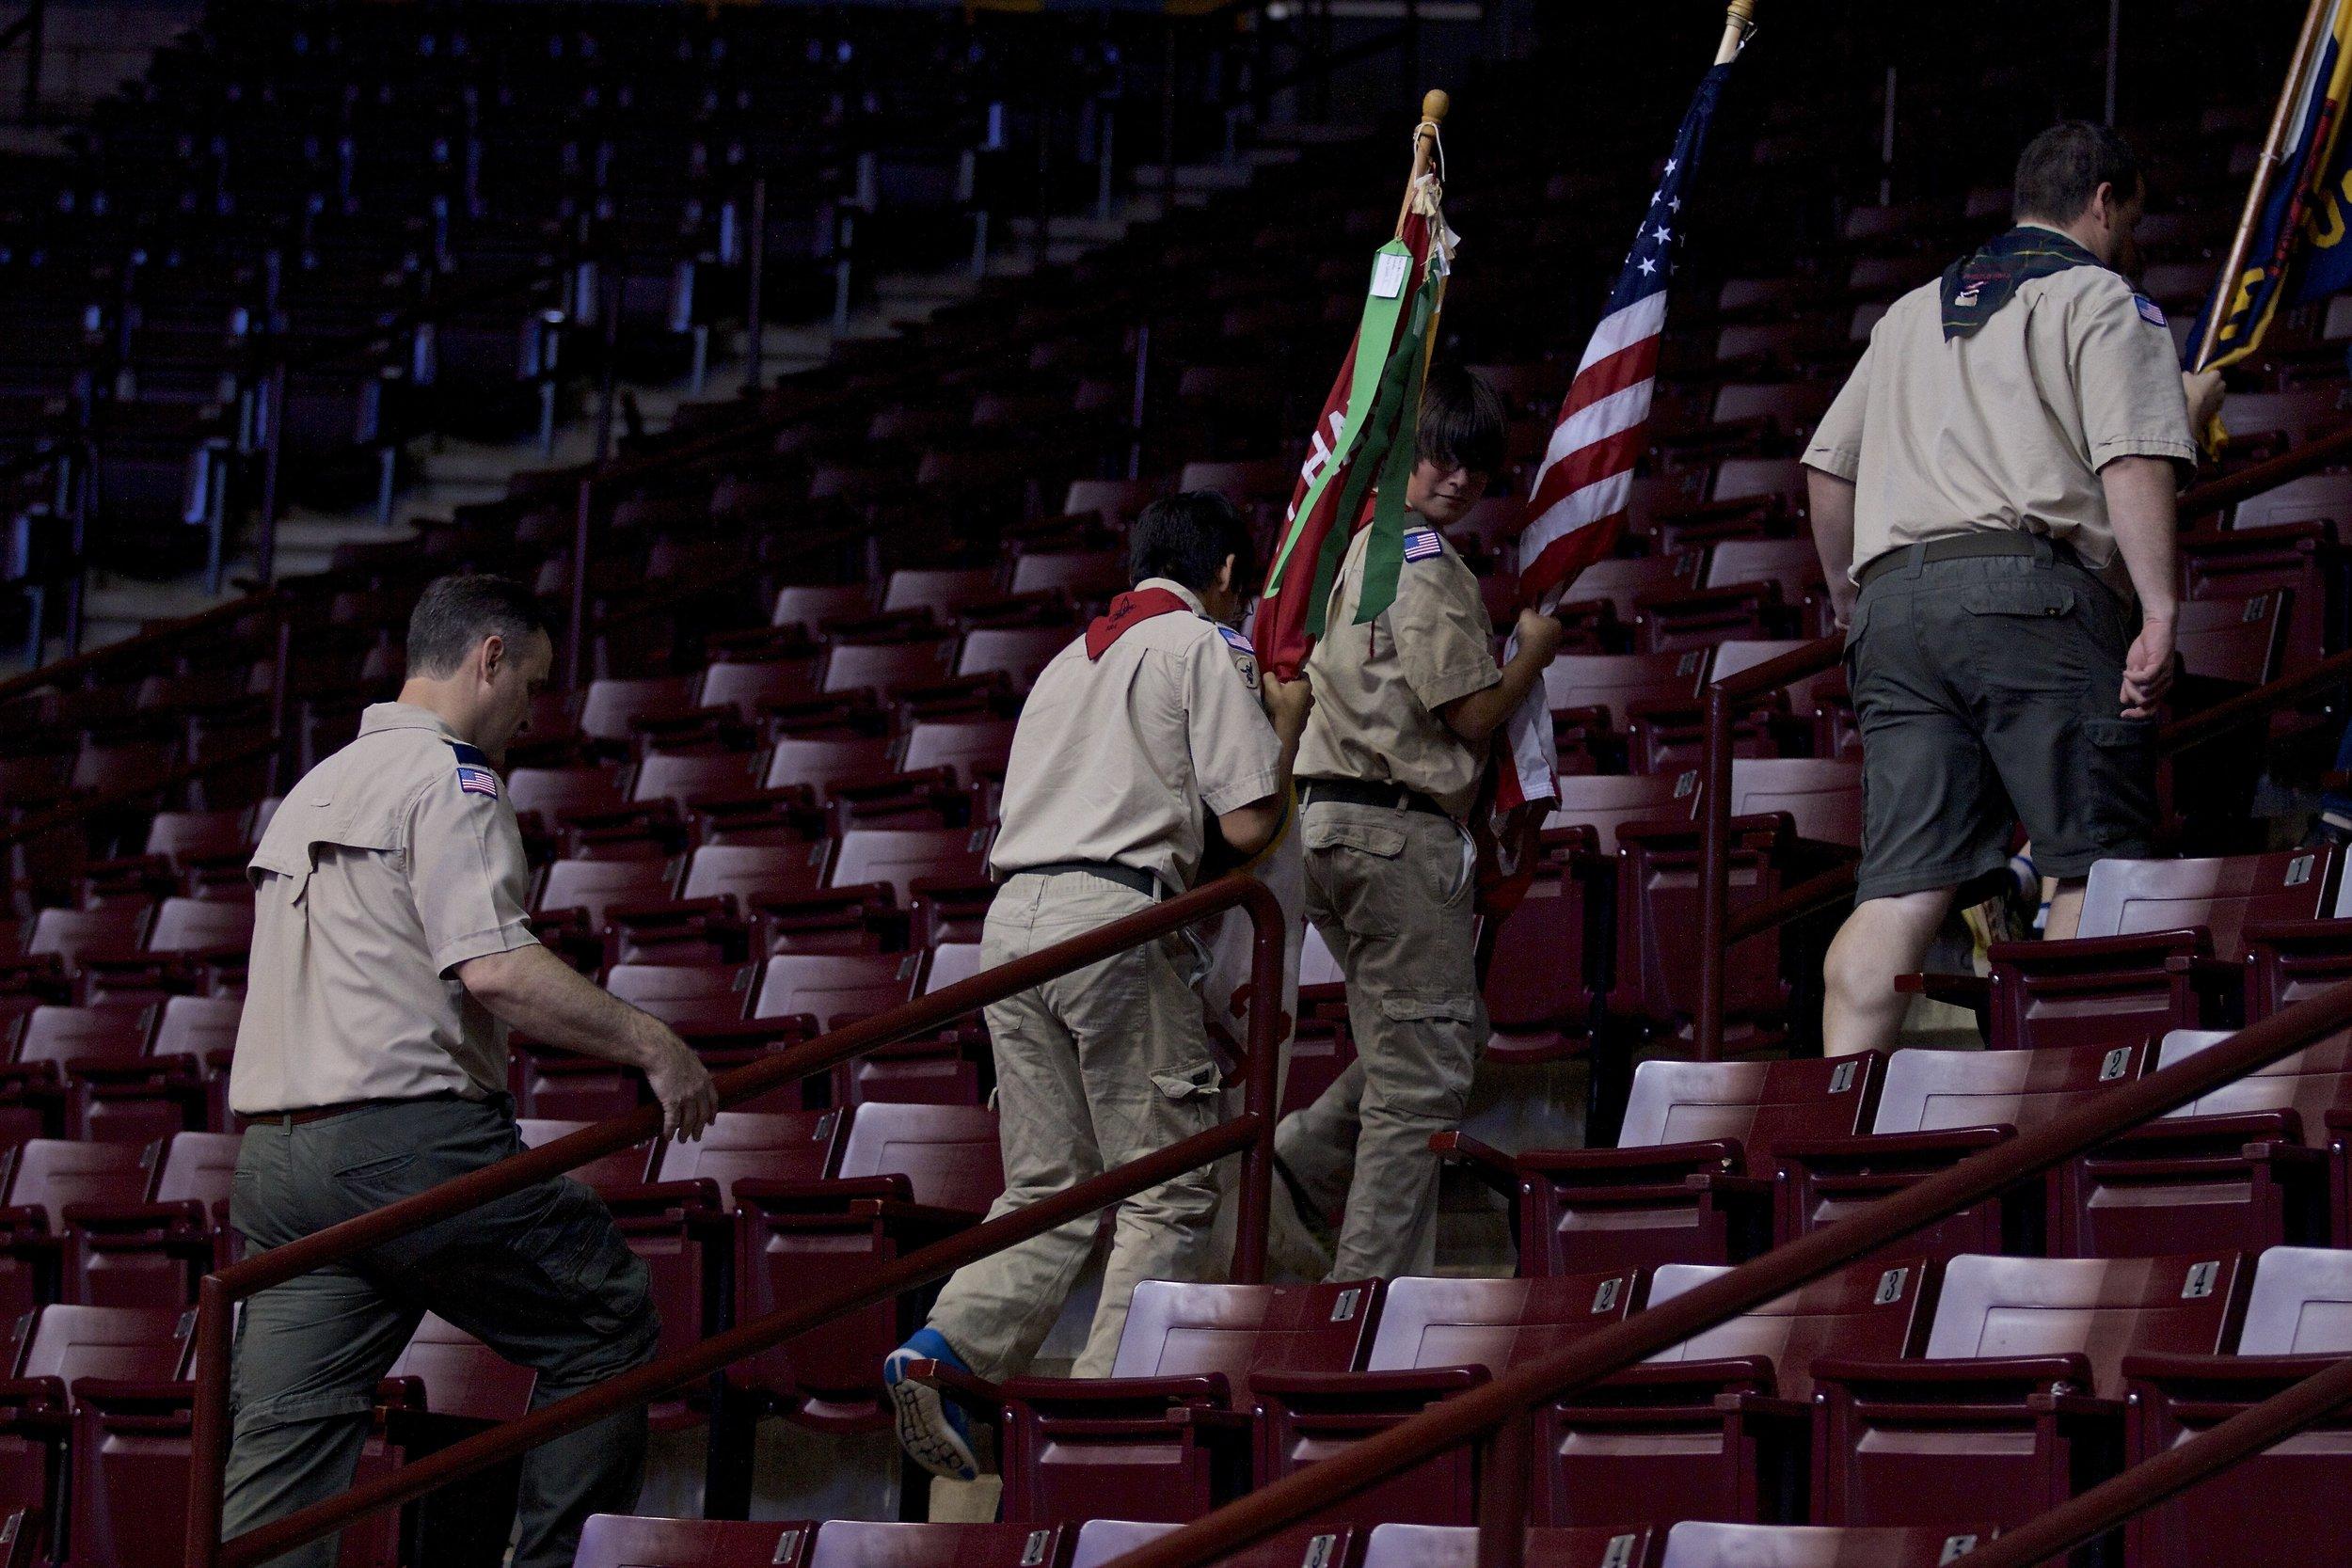 Boy Scouts_238.jpg